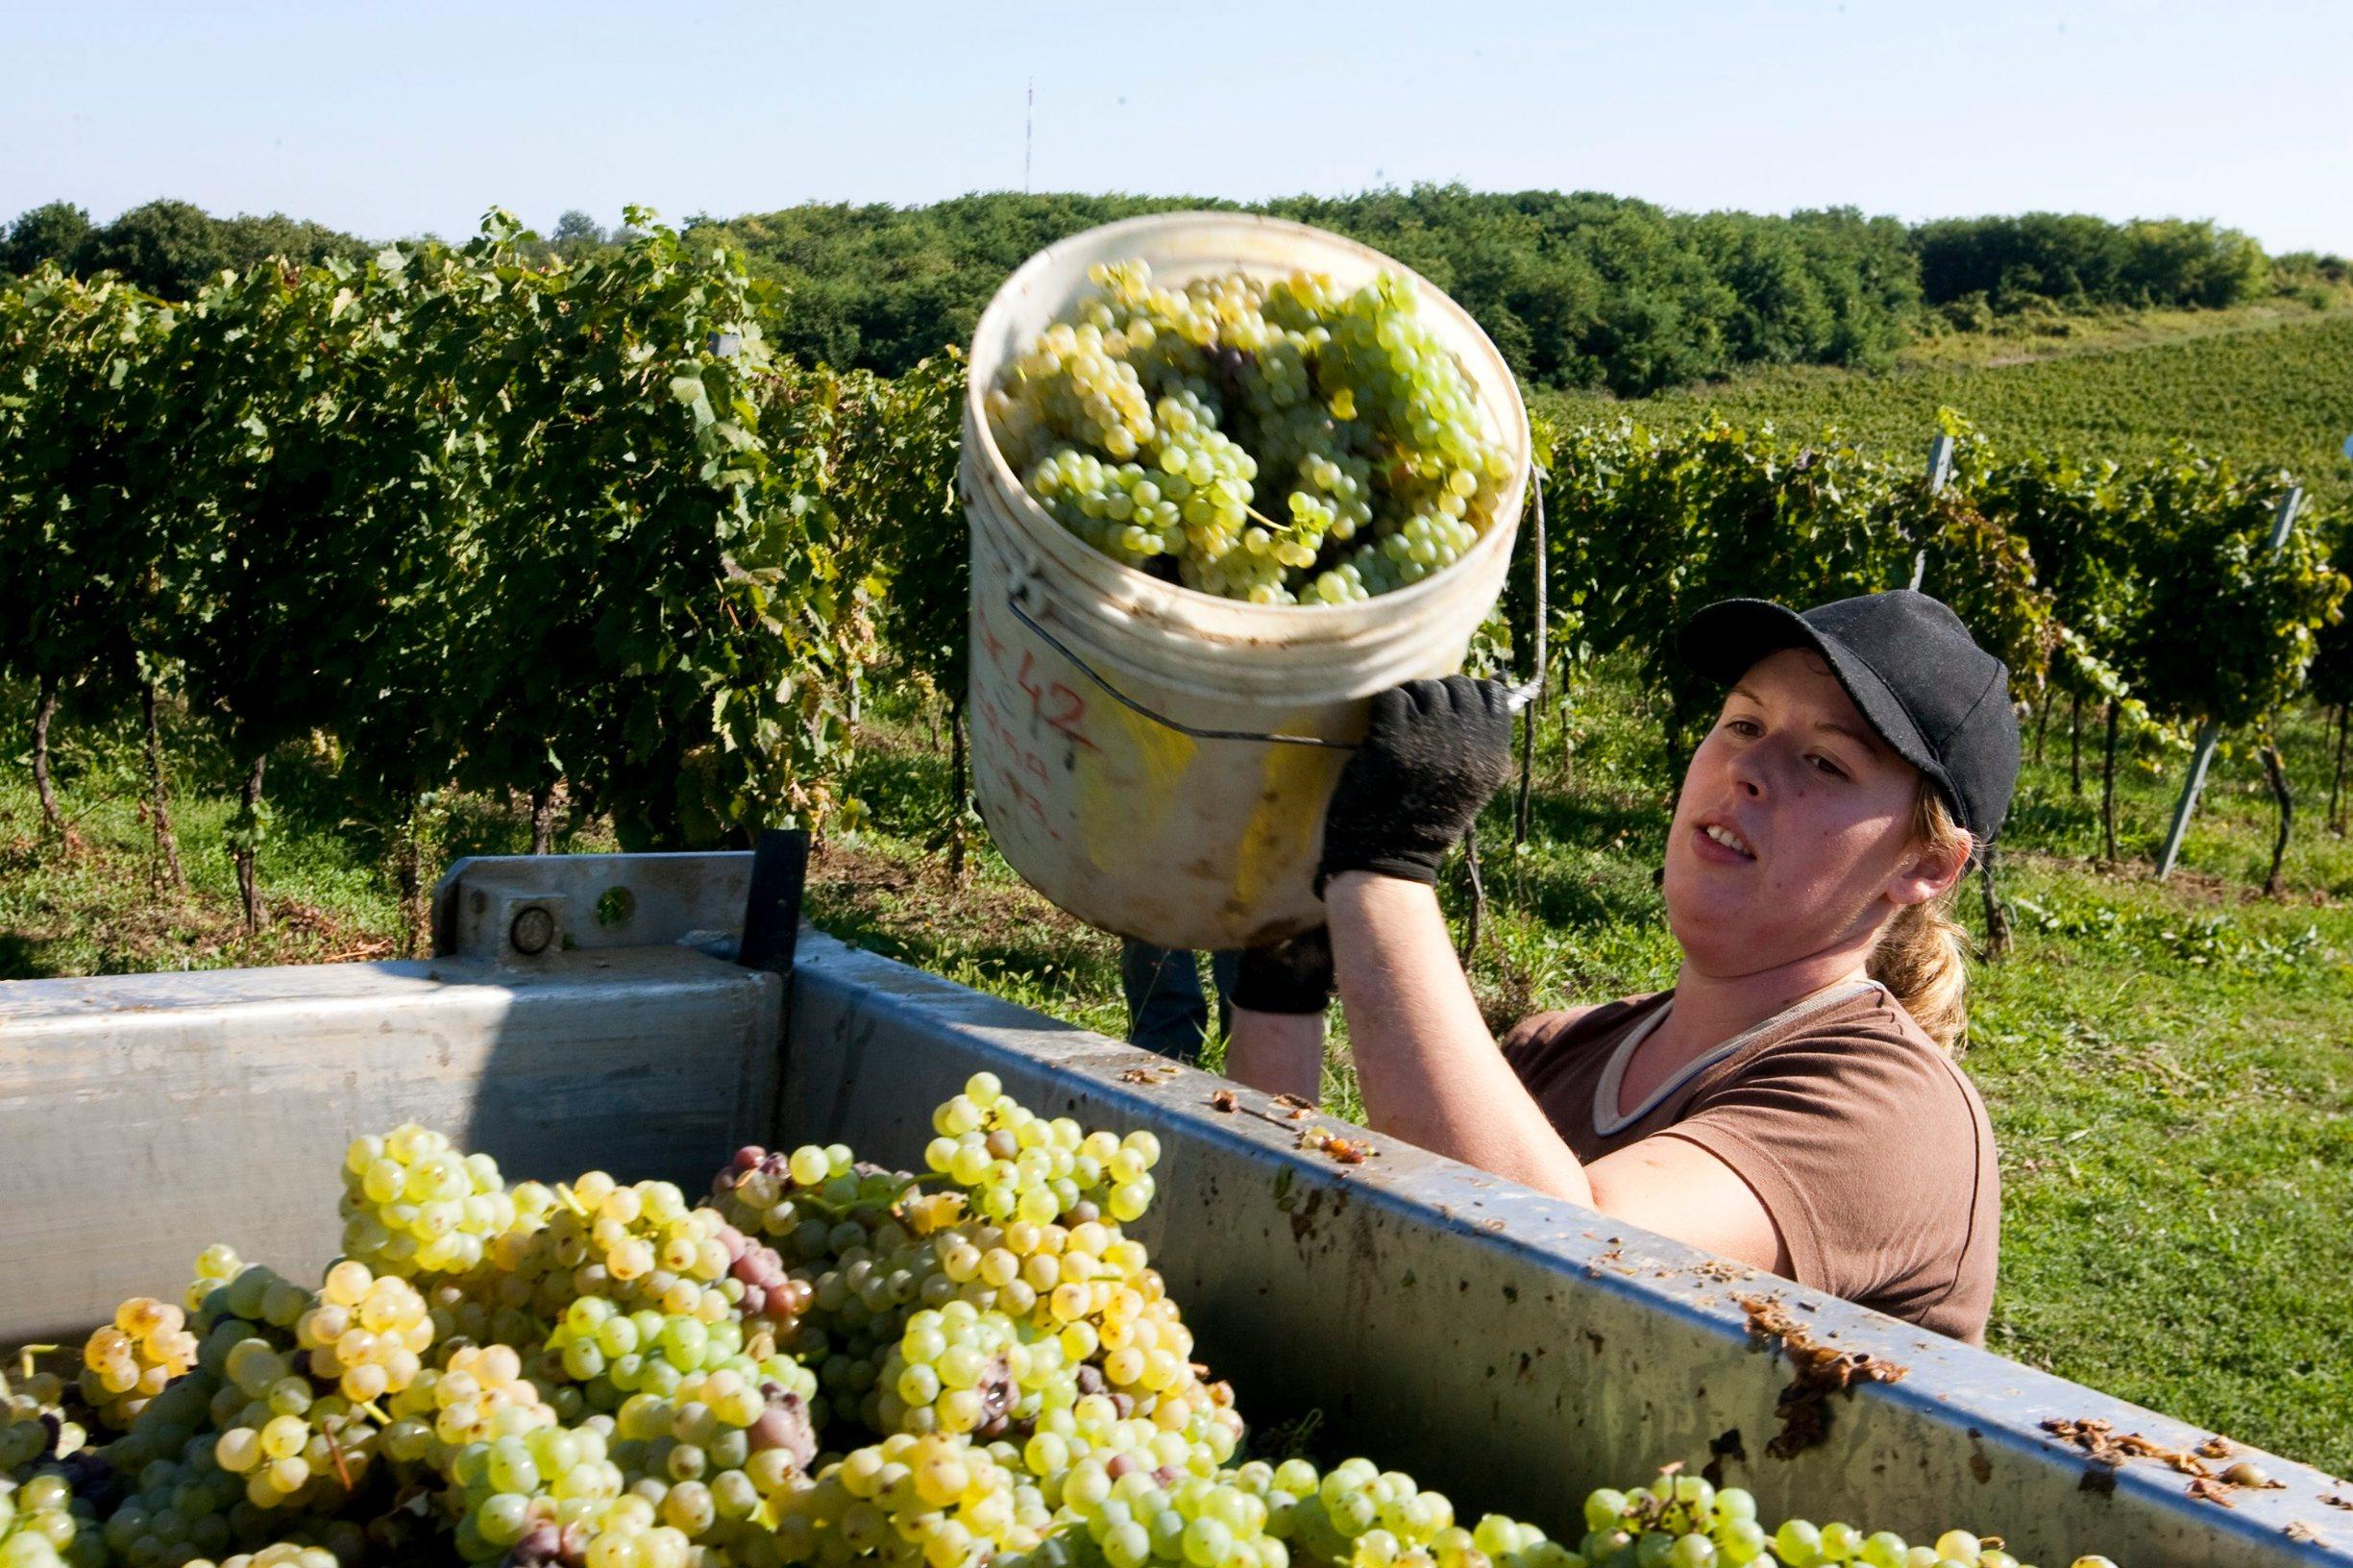 Knezevi Vinogradi, 200913. Berba grozdja sorte grasevina na beljskim vinogradima na Banovom brdu. Foto: Vlado Kos / Cropix